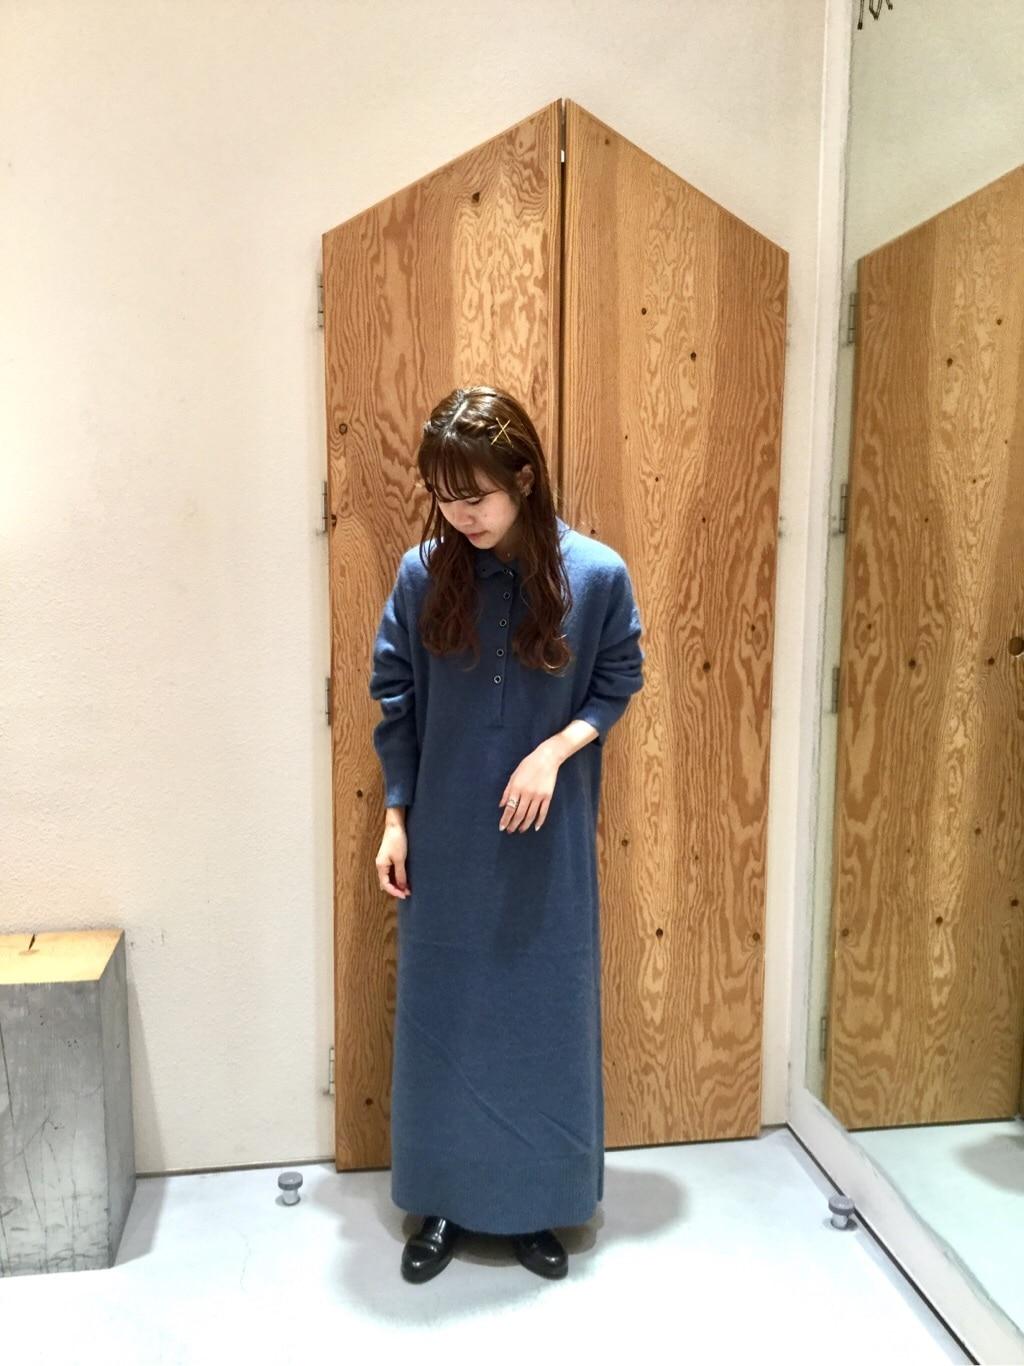 l'atelier du savon グランフロント大阪 身長:152cm 2019.09.12